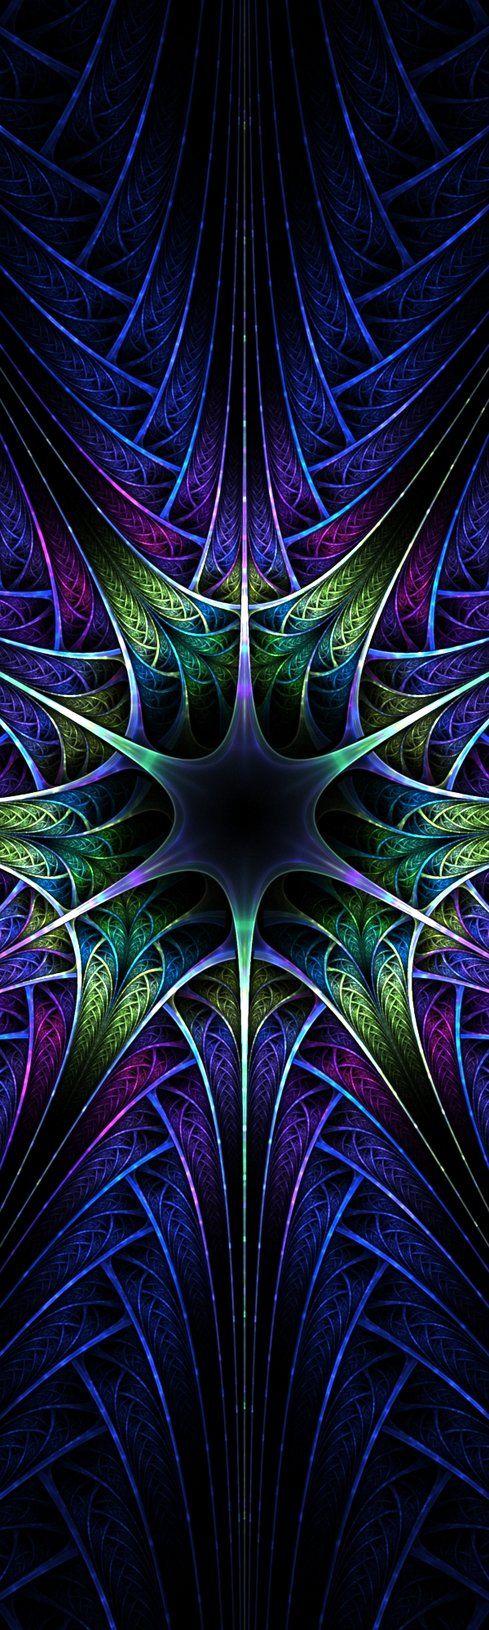 """""""Blue Spires"""" - fractal art by jadenkanan, via deviantART"""